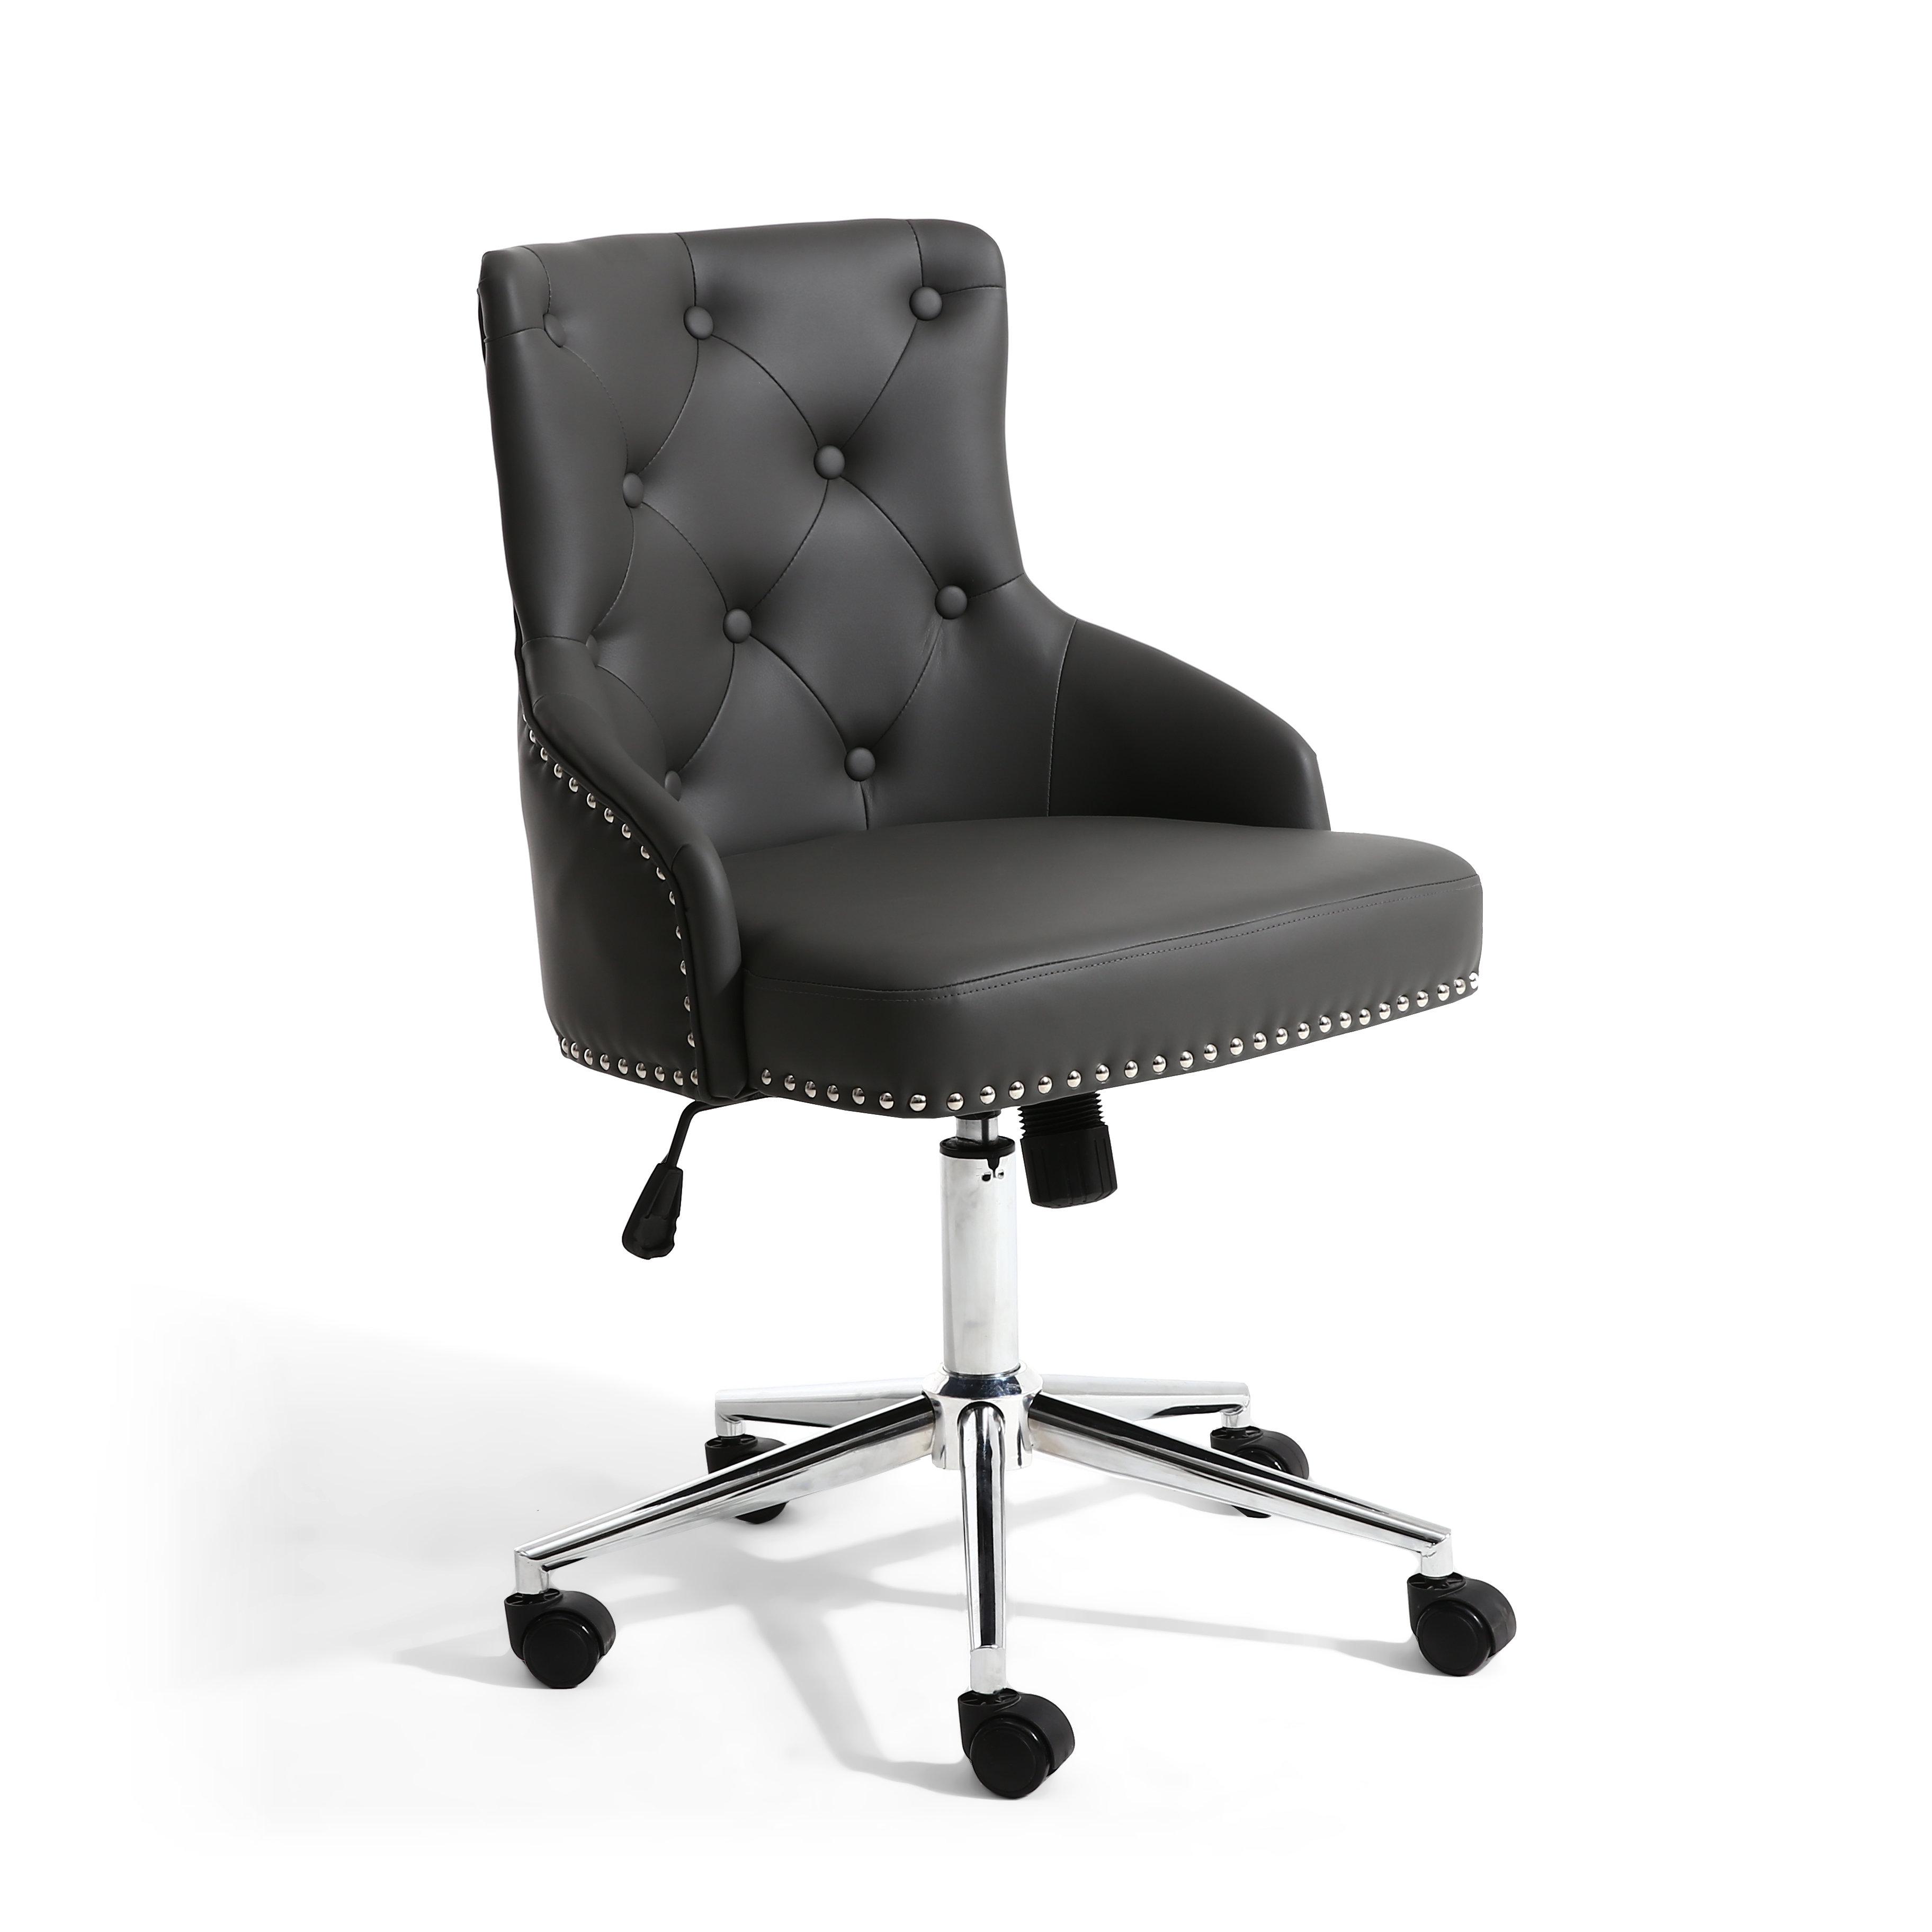 Office Chair Reviews Wayfair Co Uk